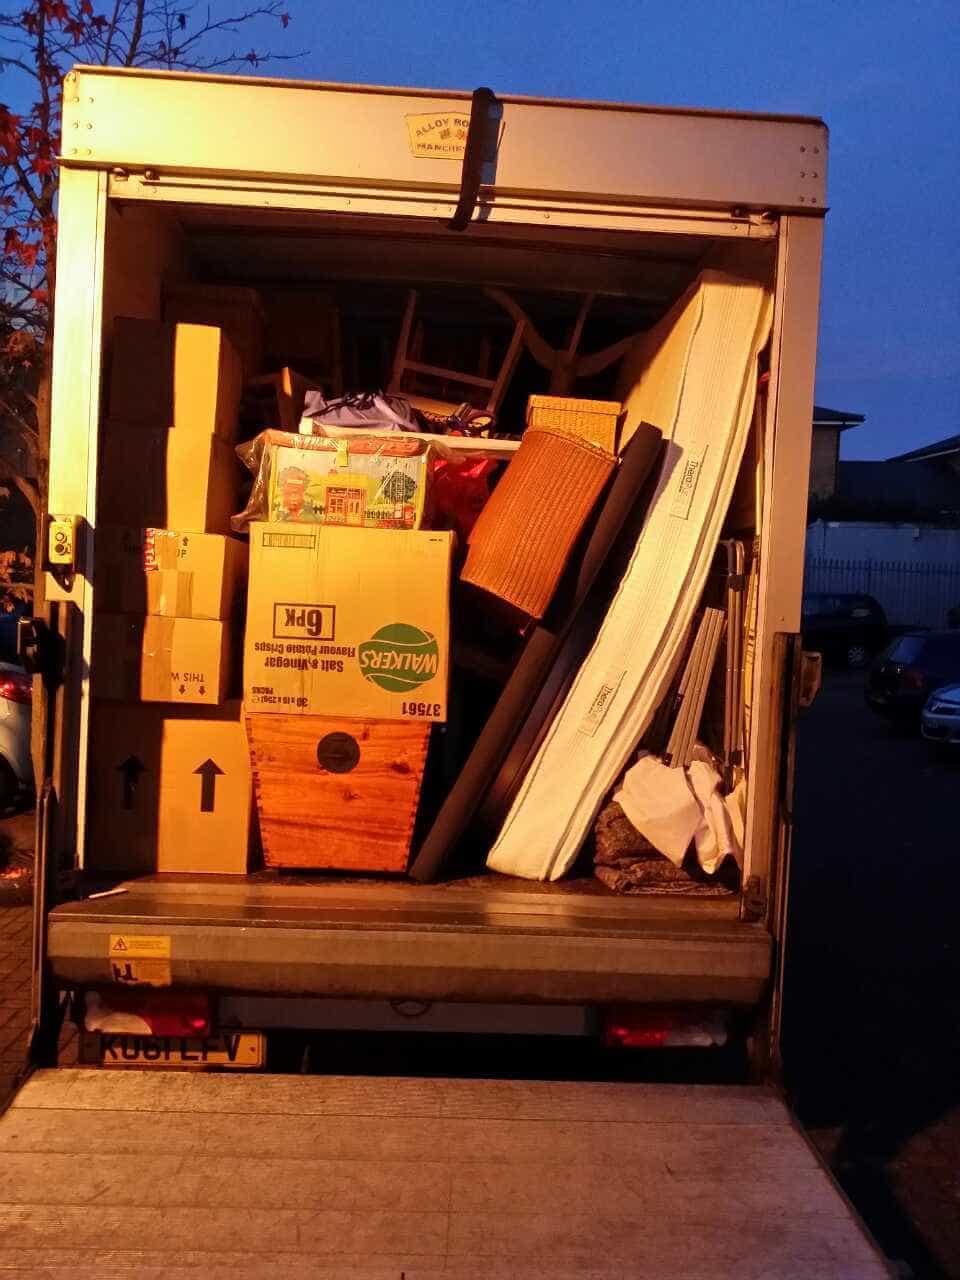 Broxbourne van with man EN10